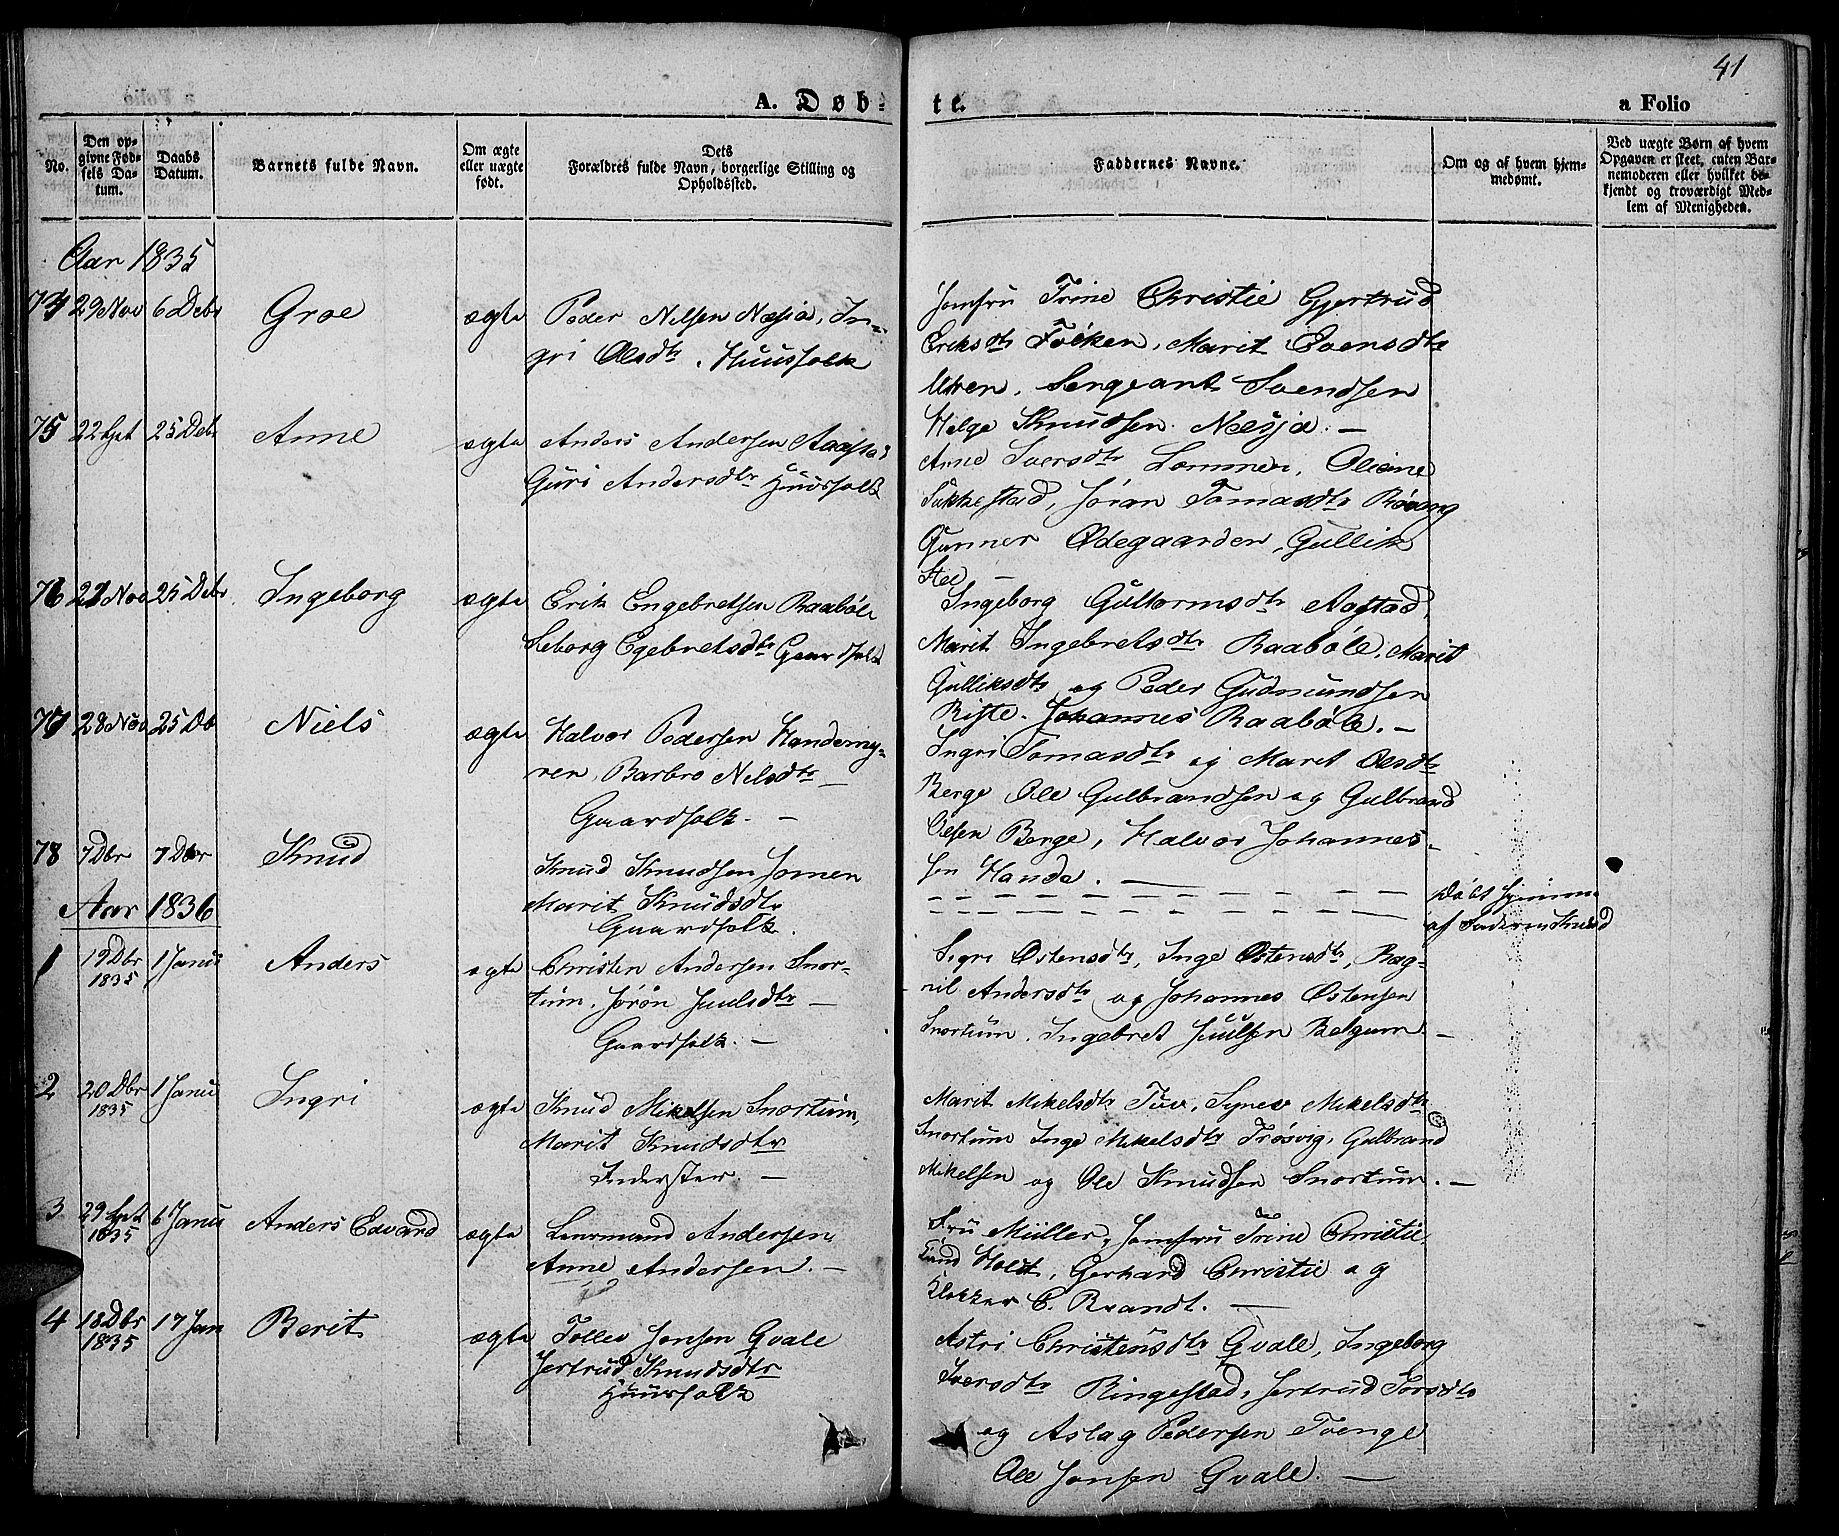 SAH, Slidre prestekontor, Ministerialbok nr. 3, 1831-1843, s. 41